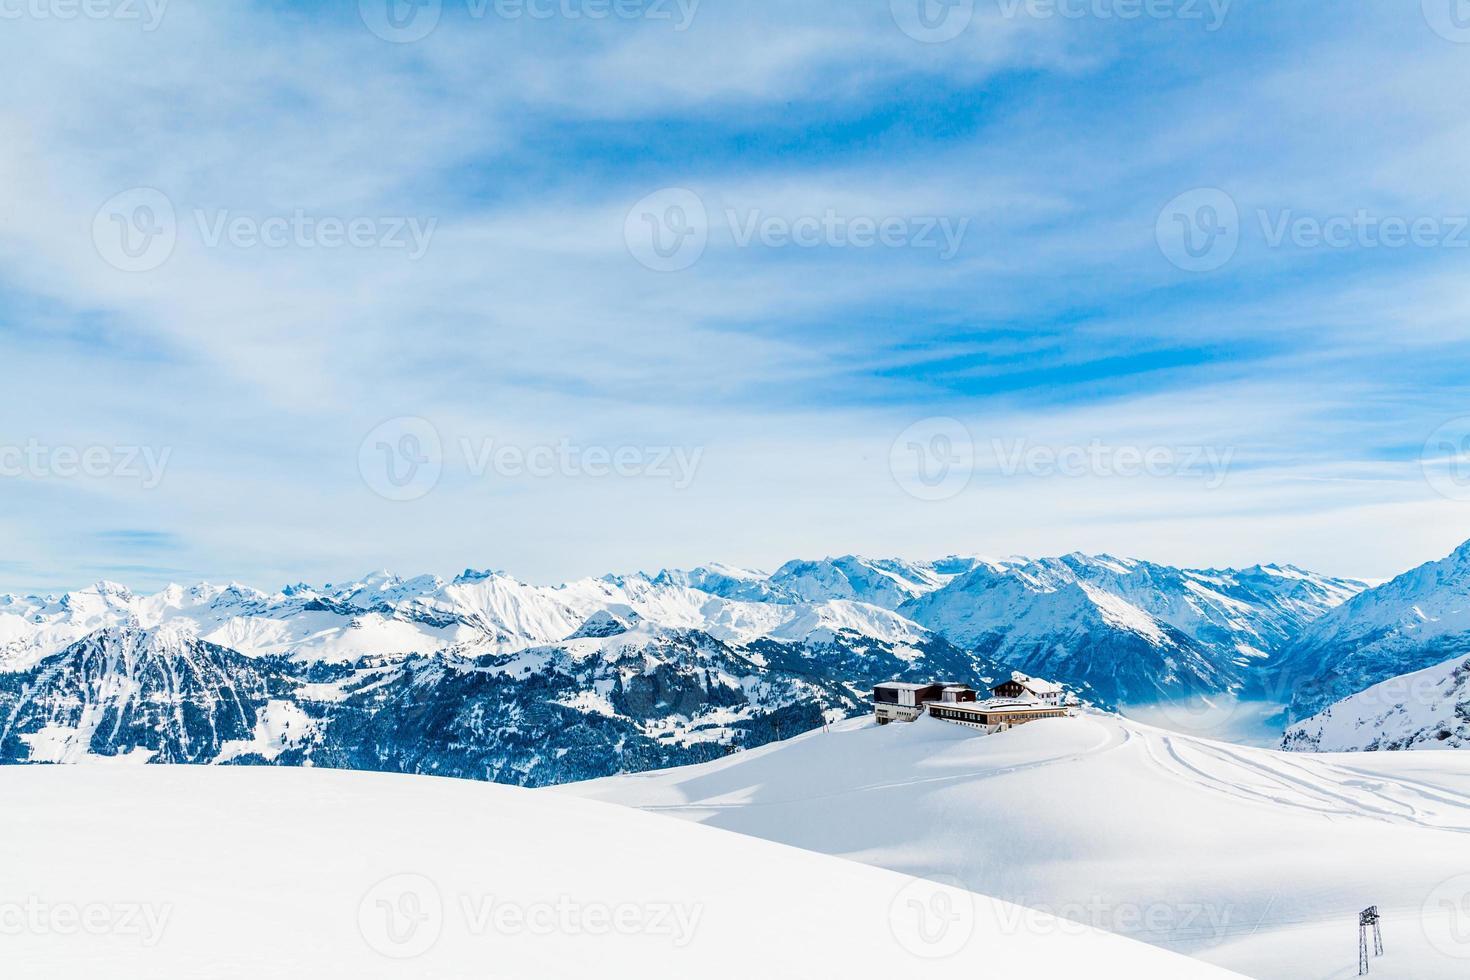 Alps mountain landscape. Winter landscape photo